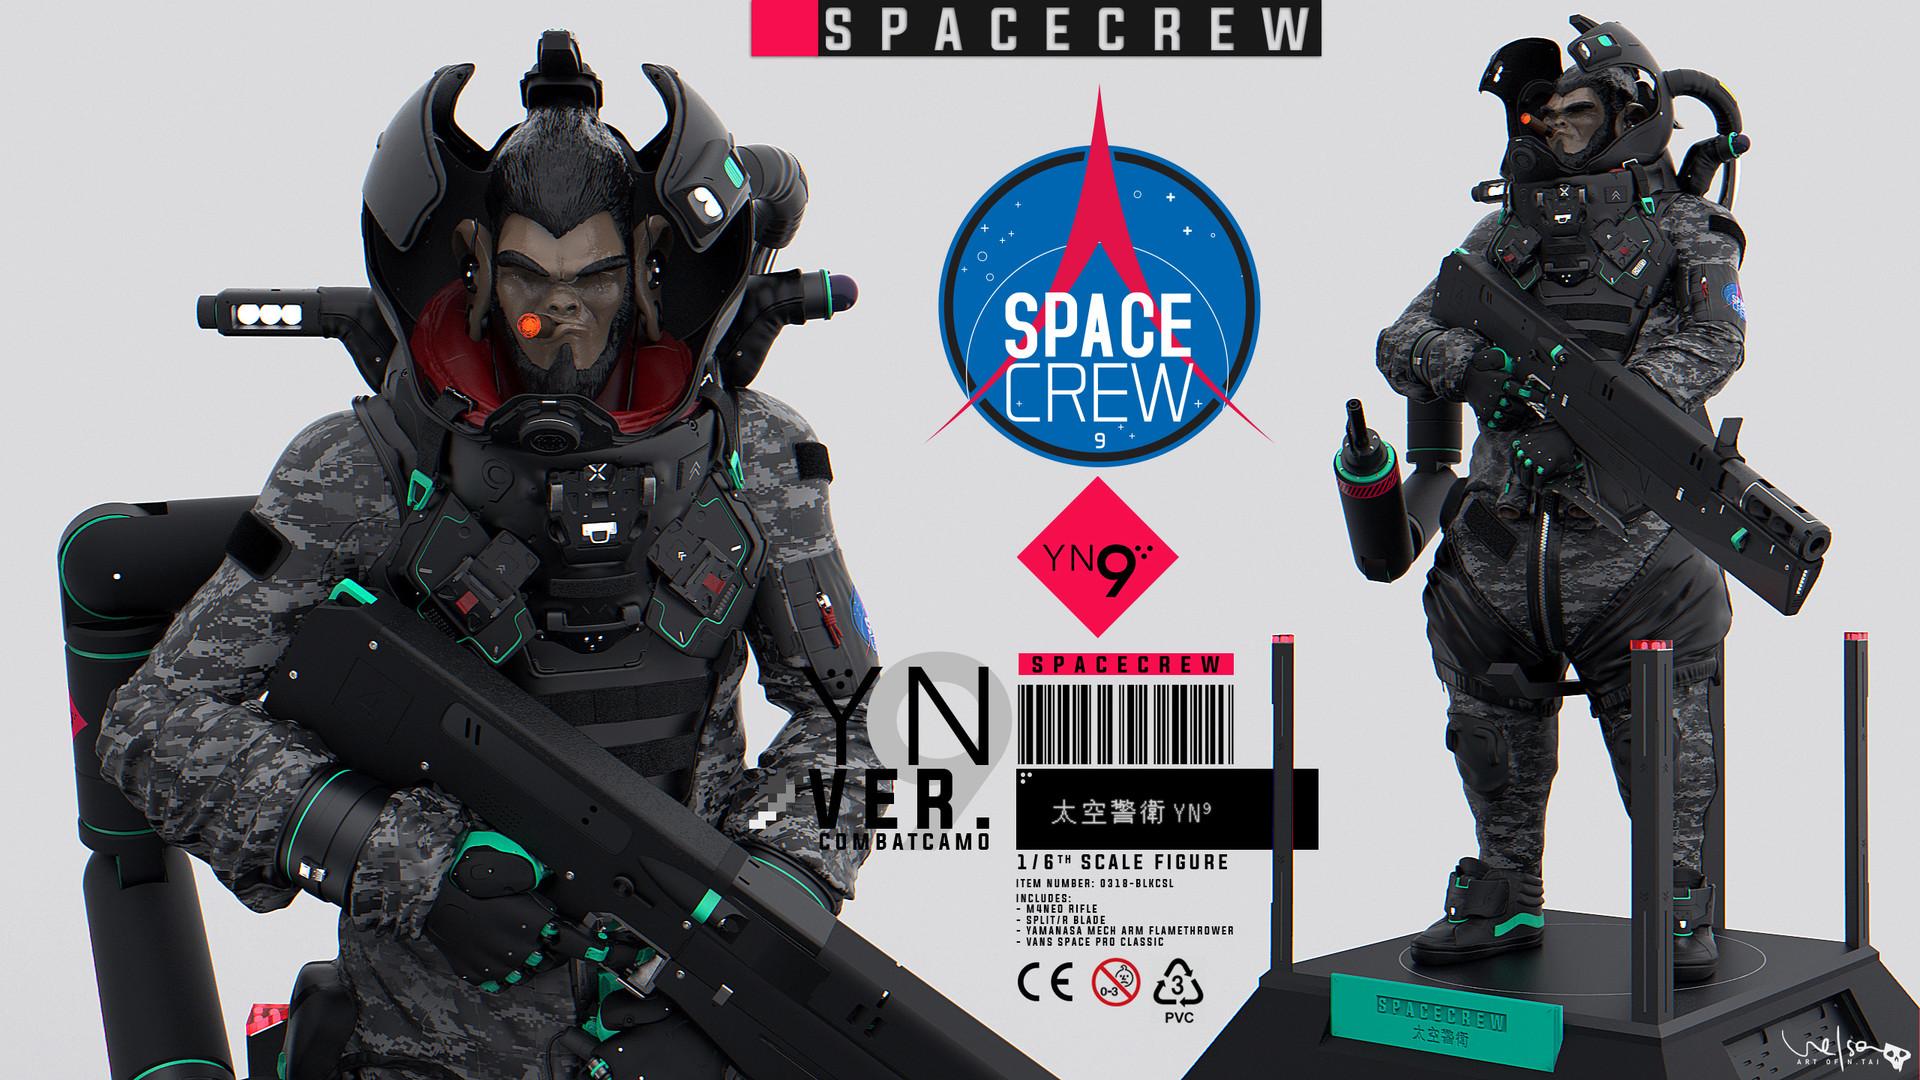 Nelson tai spacecrew dsgn yn9 001e